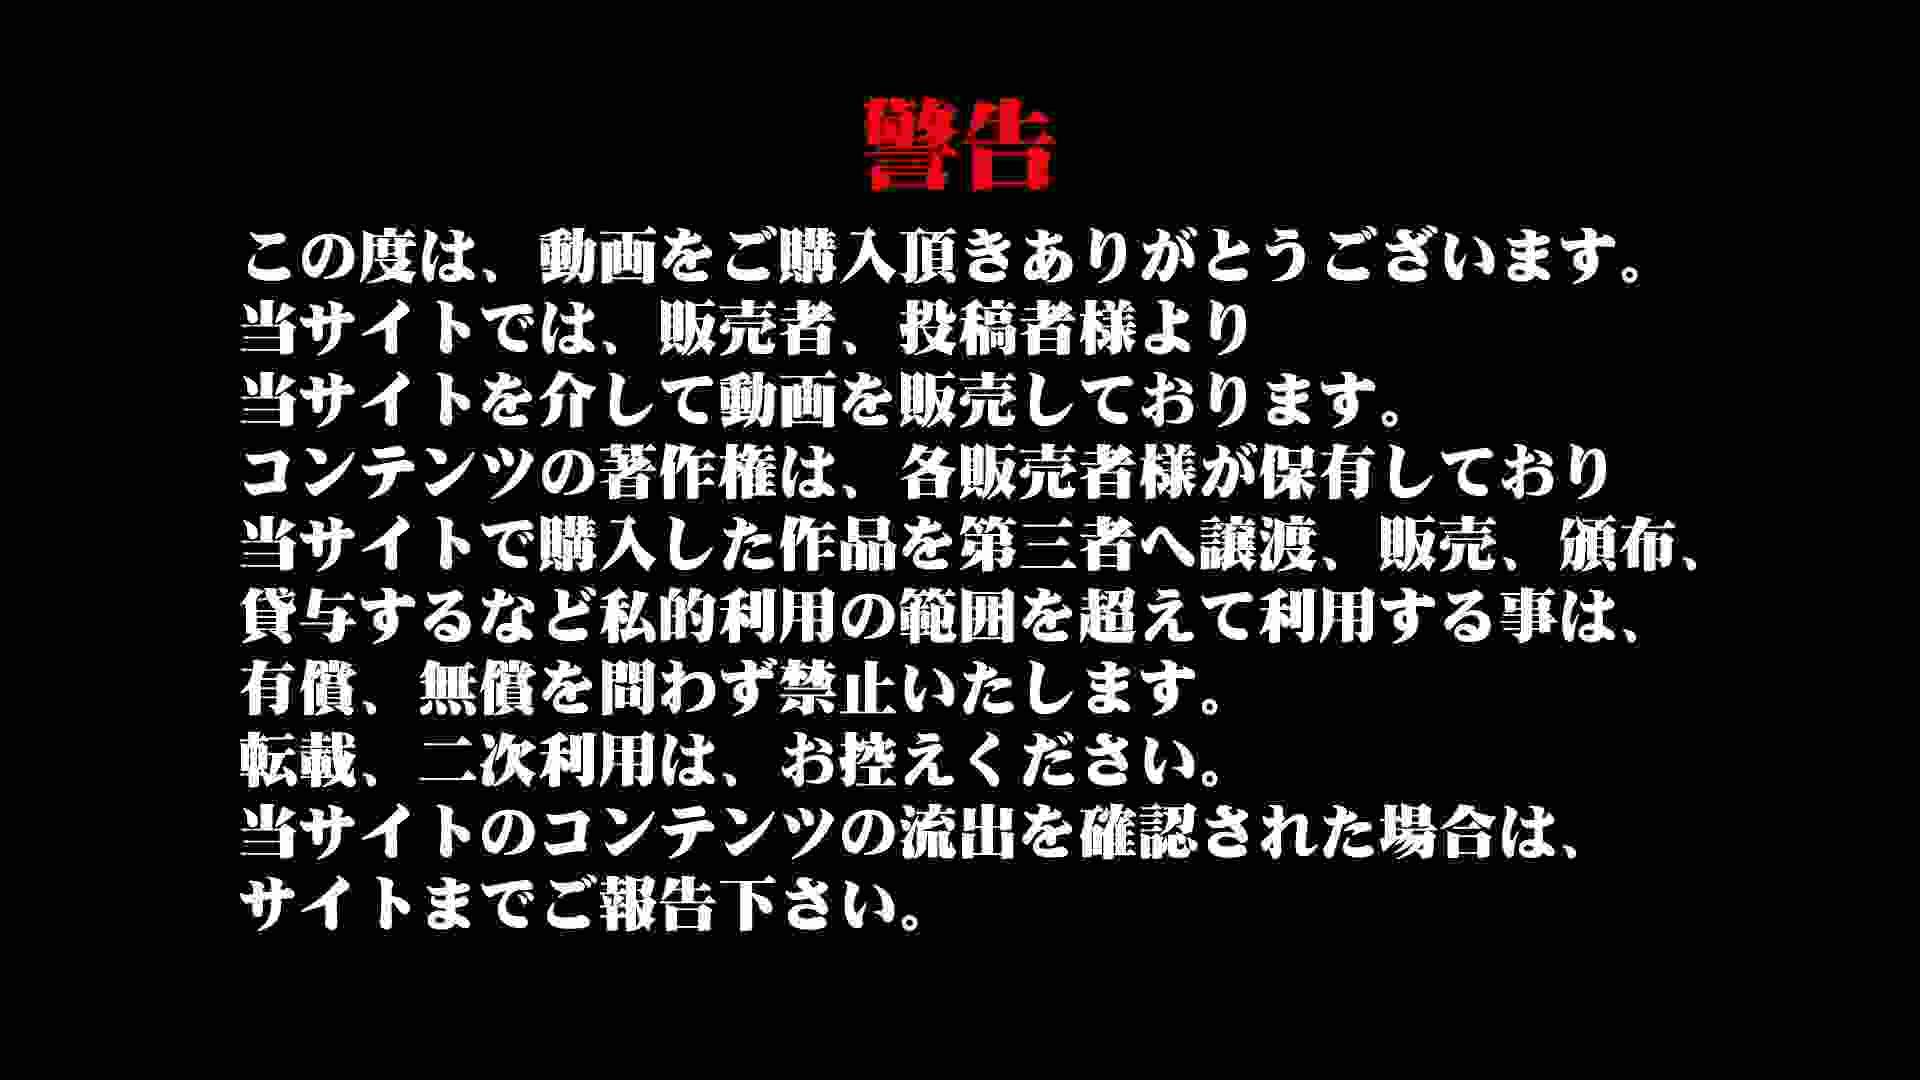 Aquaな露天風呂Vol.927 盗撮師作品 ぱこり動画紹介 87pic 23